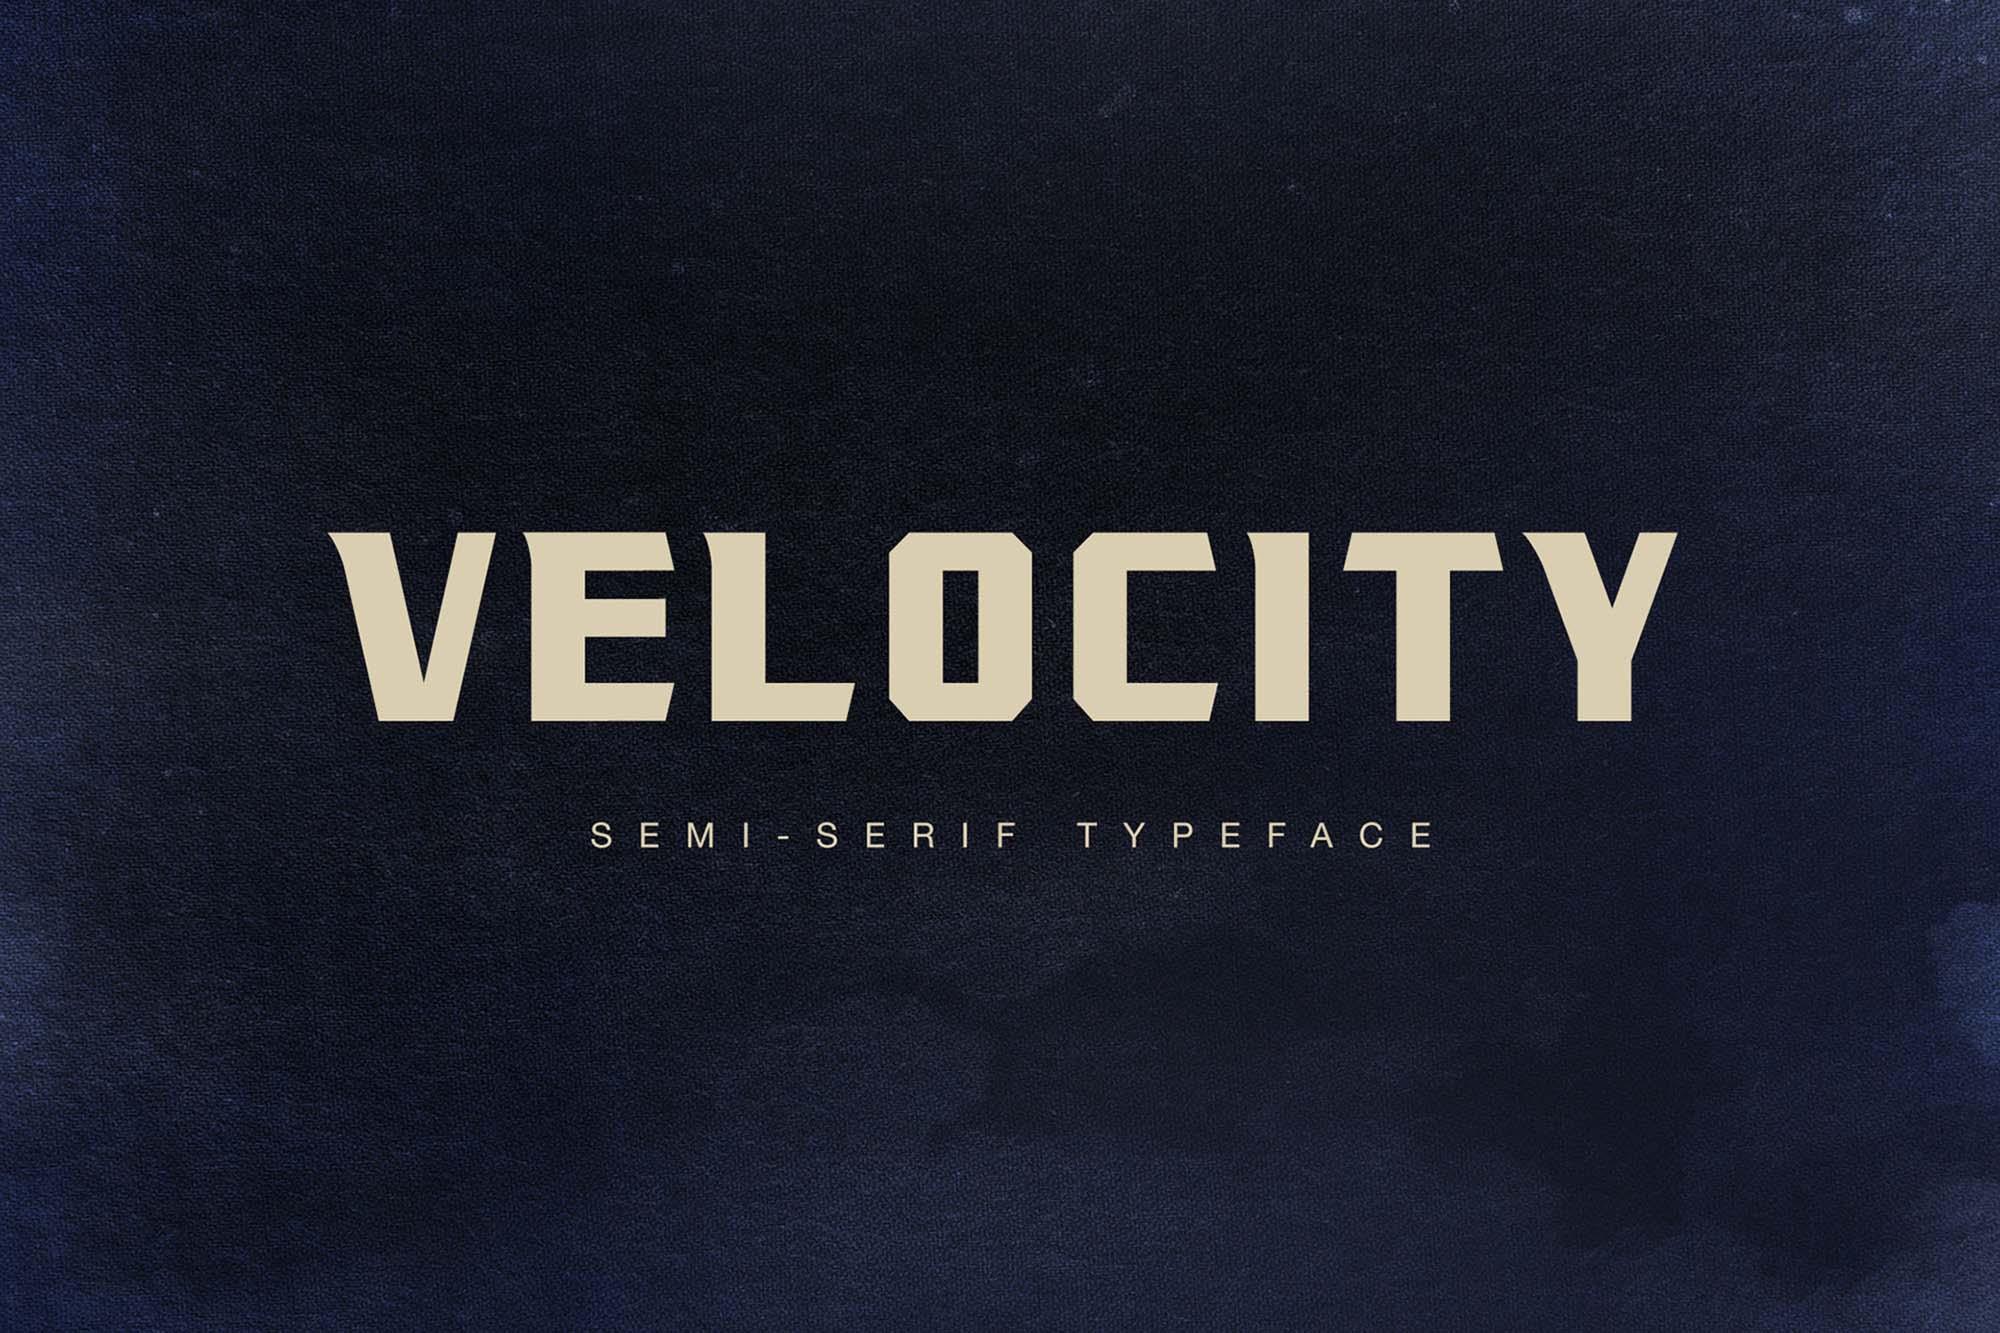 Velocity Typeface